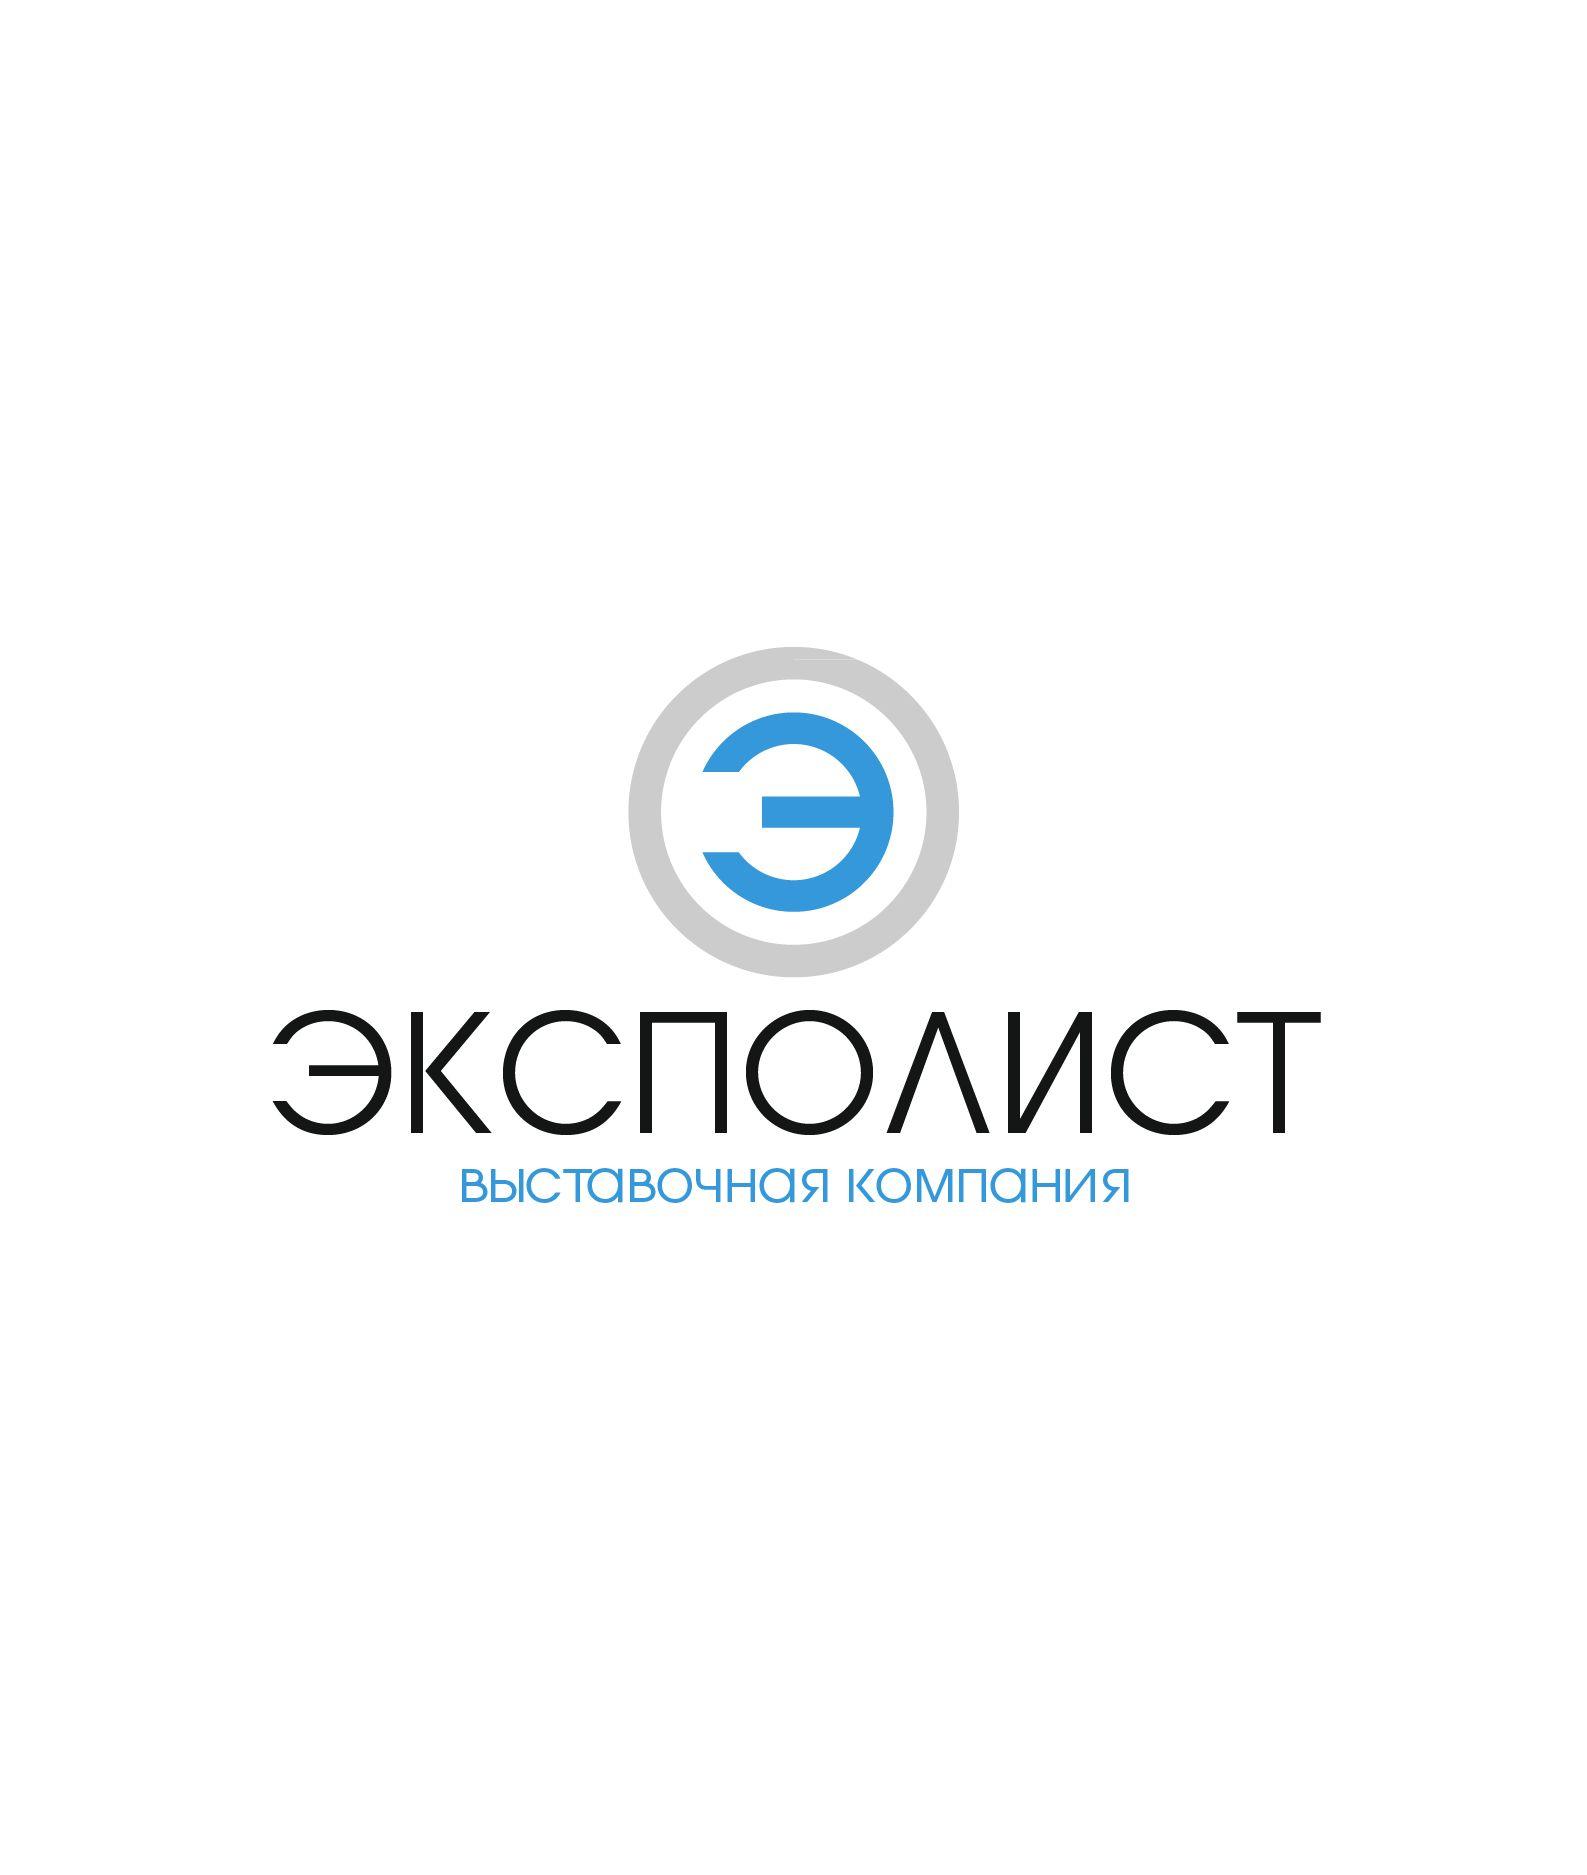 Логотип выставочной компании Эксполист - дизайнер mykolajmp5